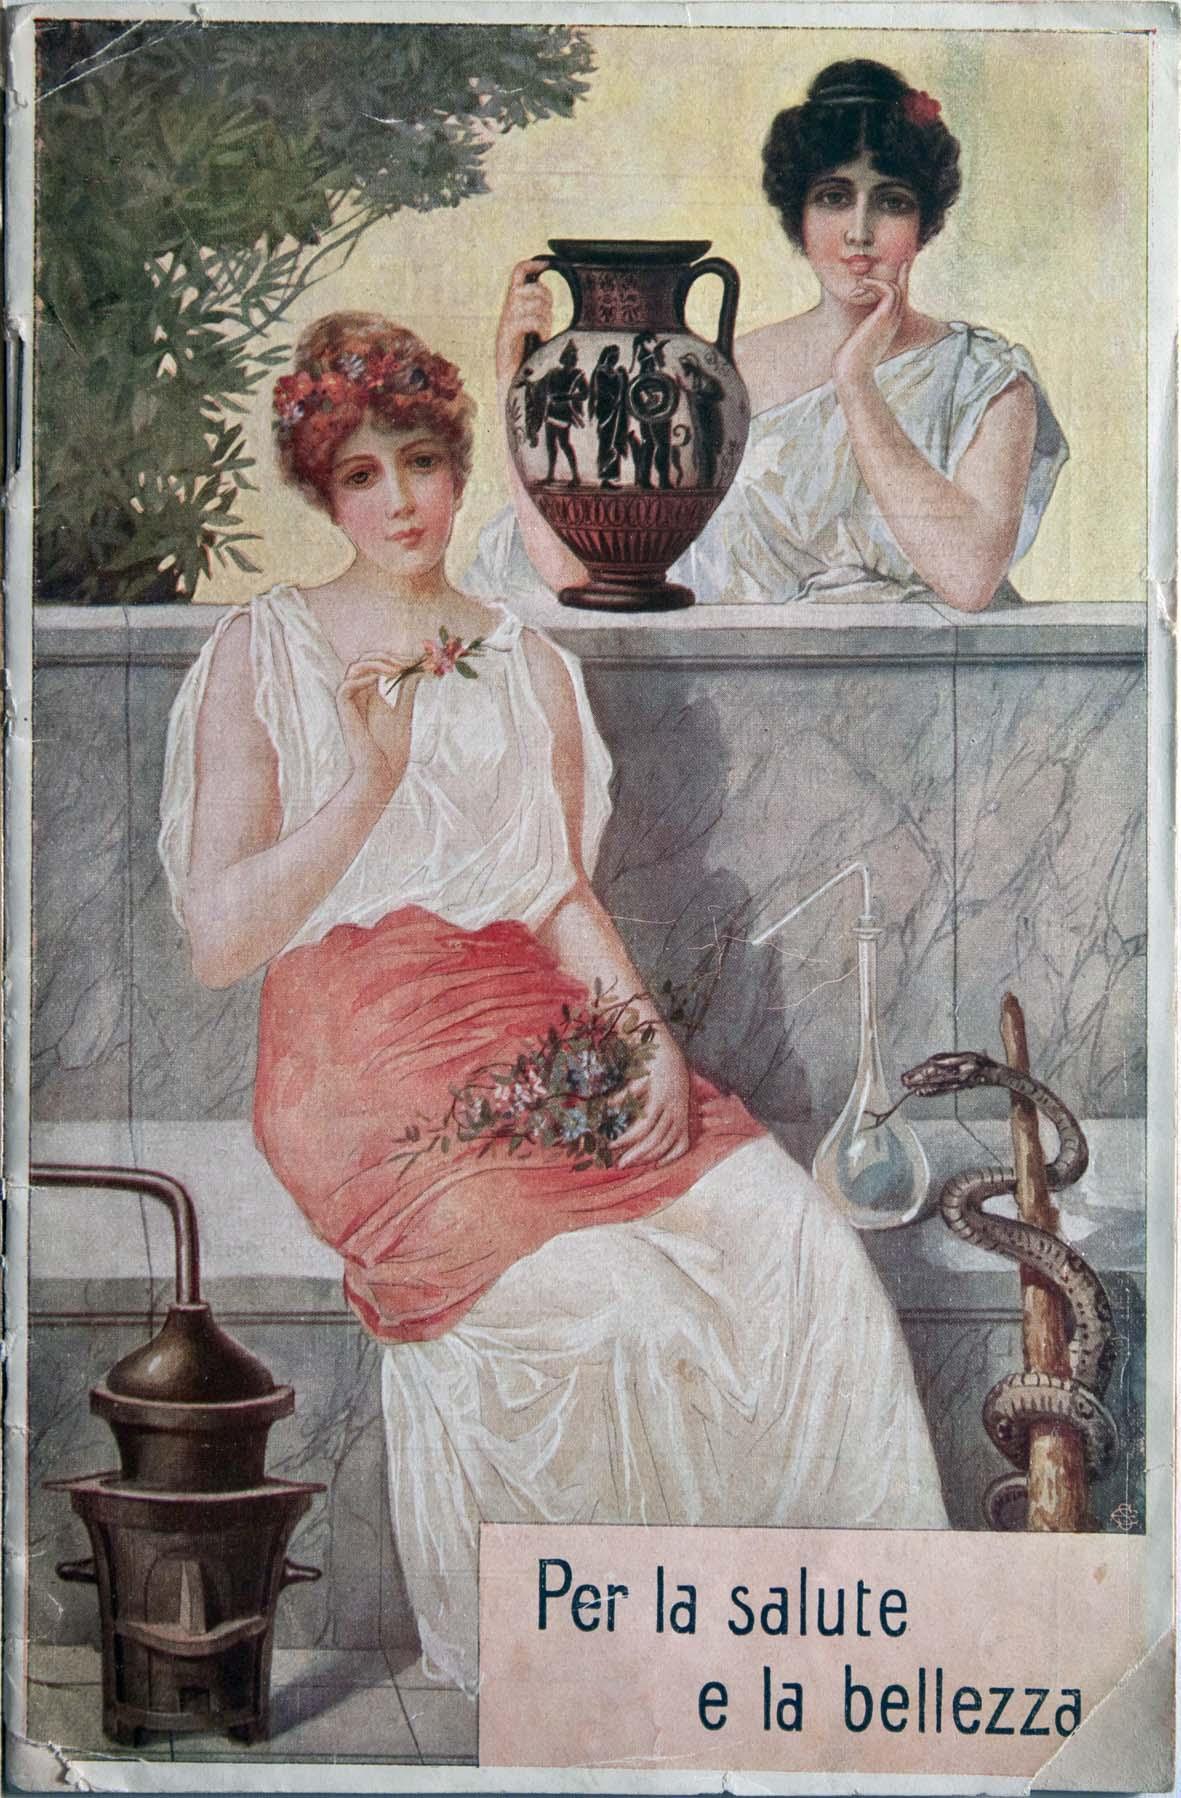 5-catalogo-di-prodotti-di-bellezza-della-ditta-bertelli-1900